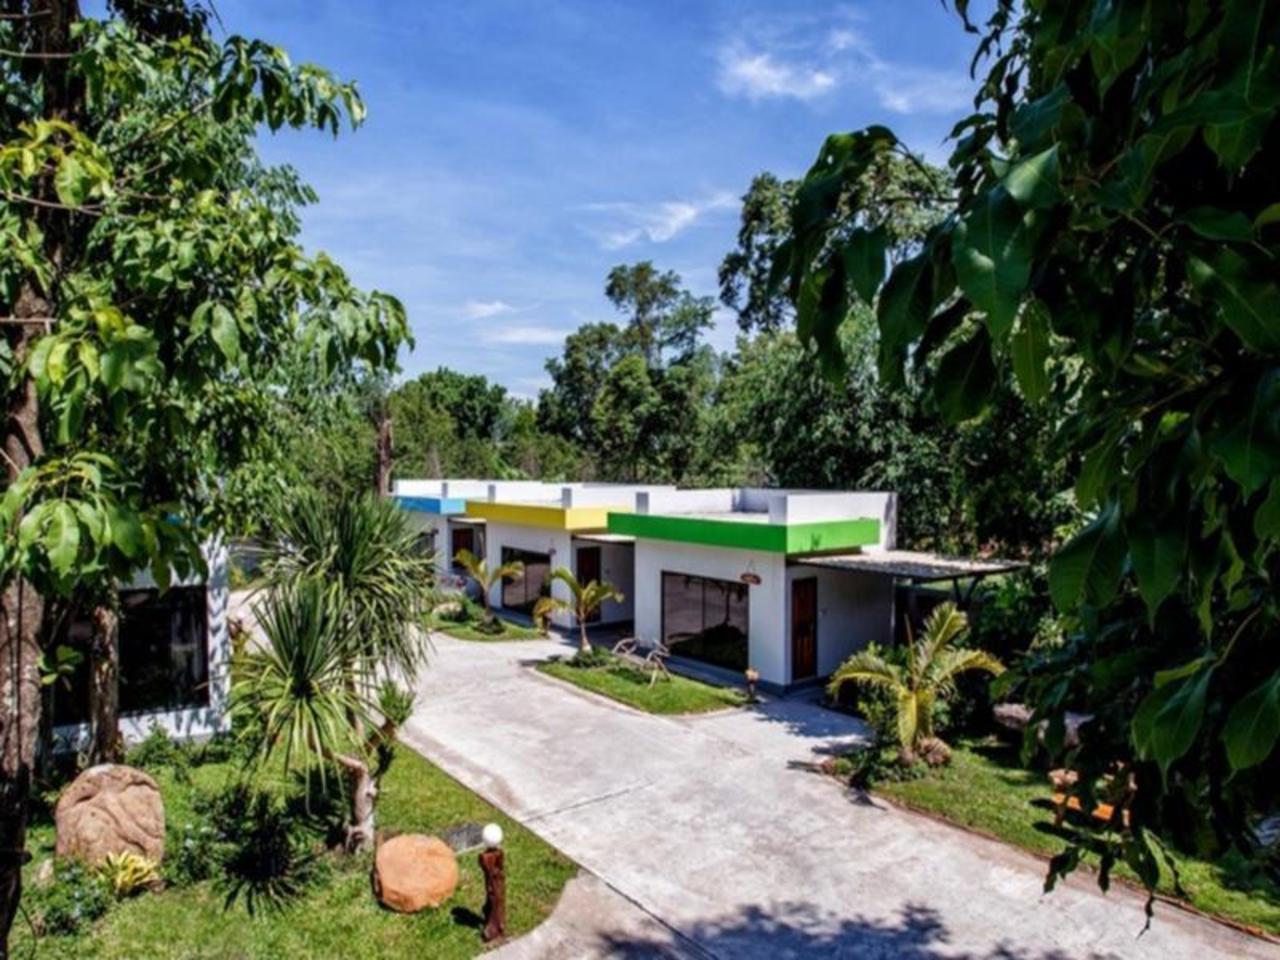 จีเอ็ม กรีน รีสอร์ท (GM Green Resort)